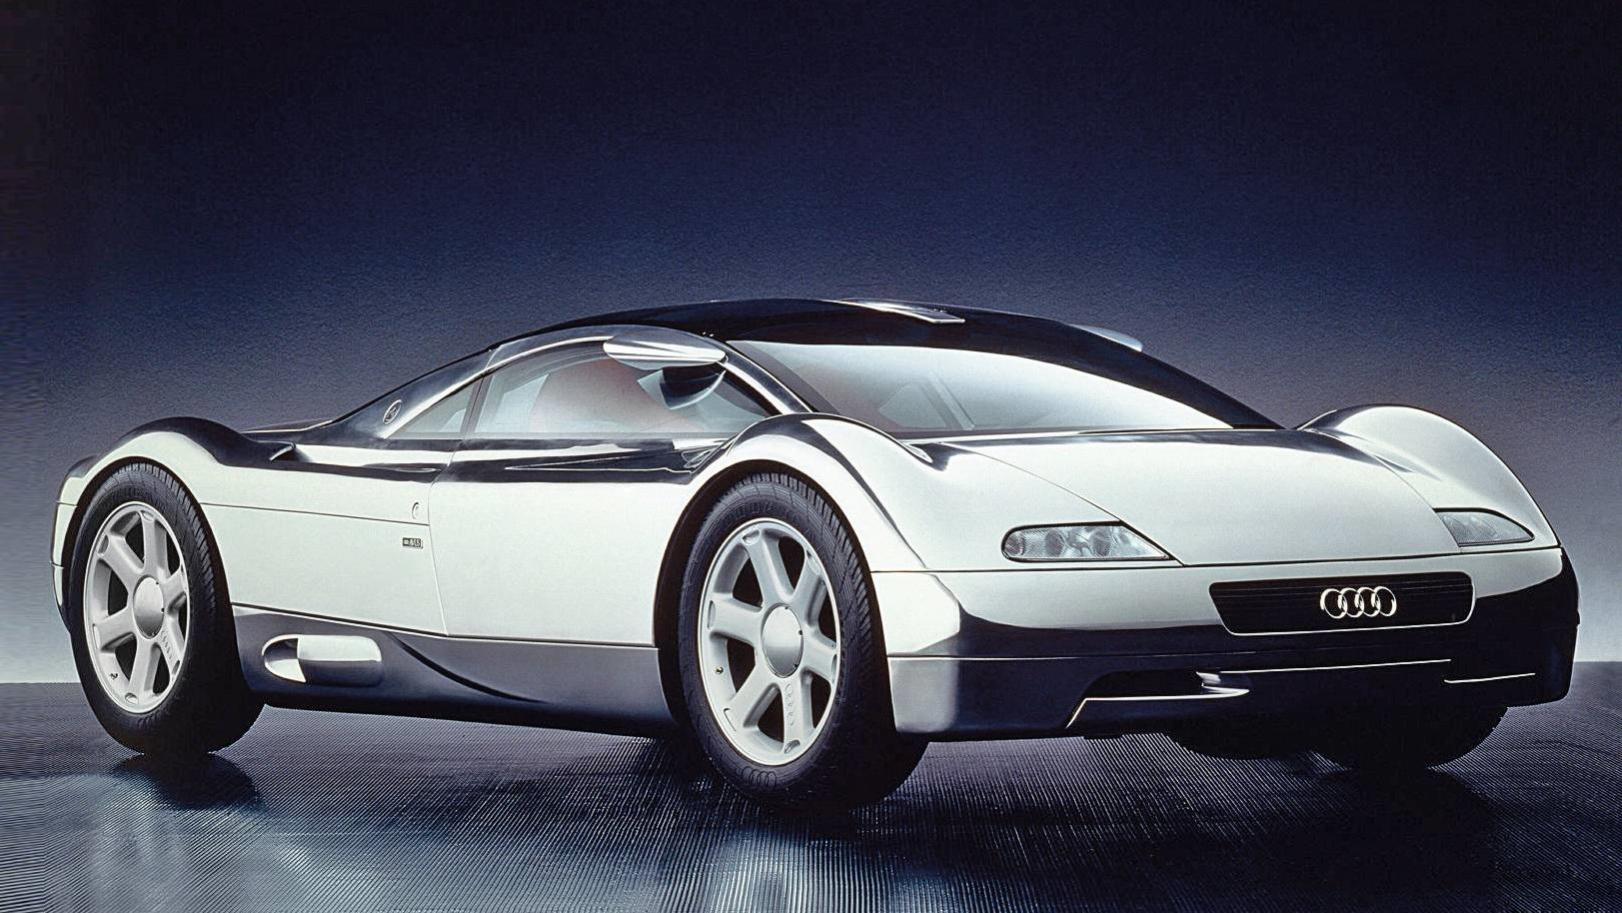 O Avus Quattro inspirou o Audi R8, esportivo lançado anos depois.